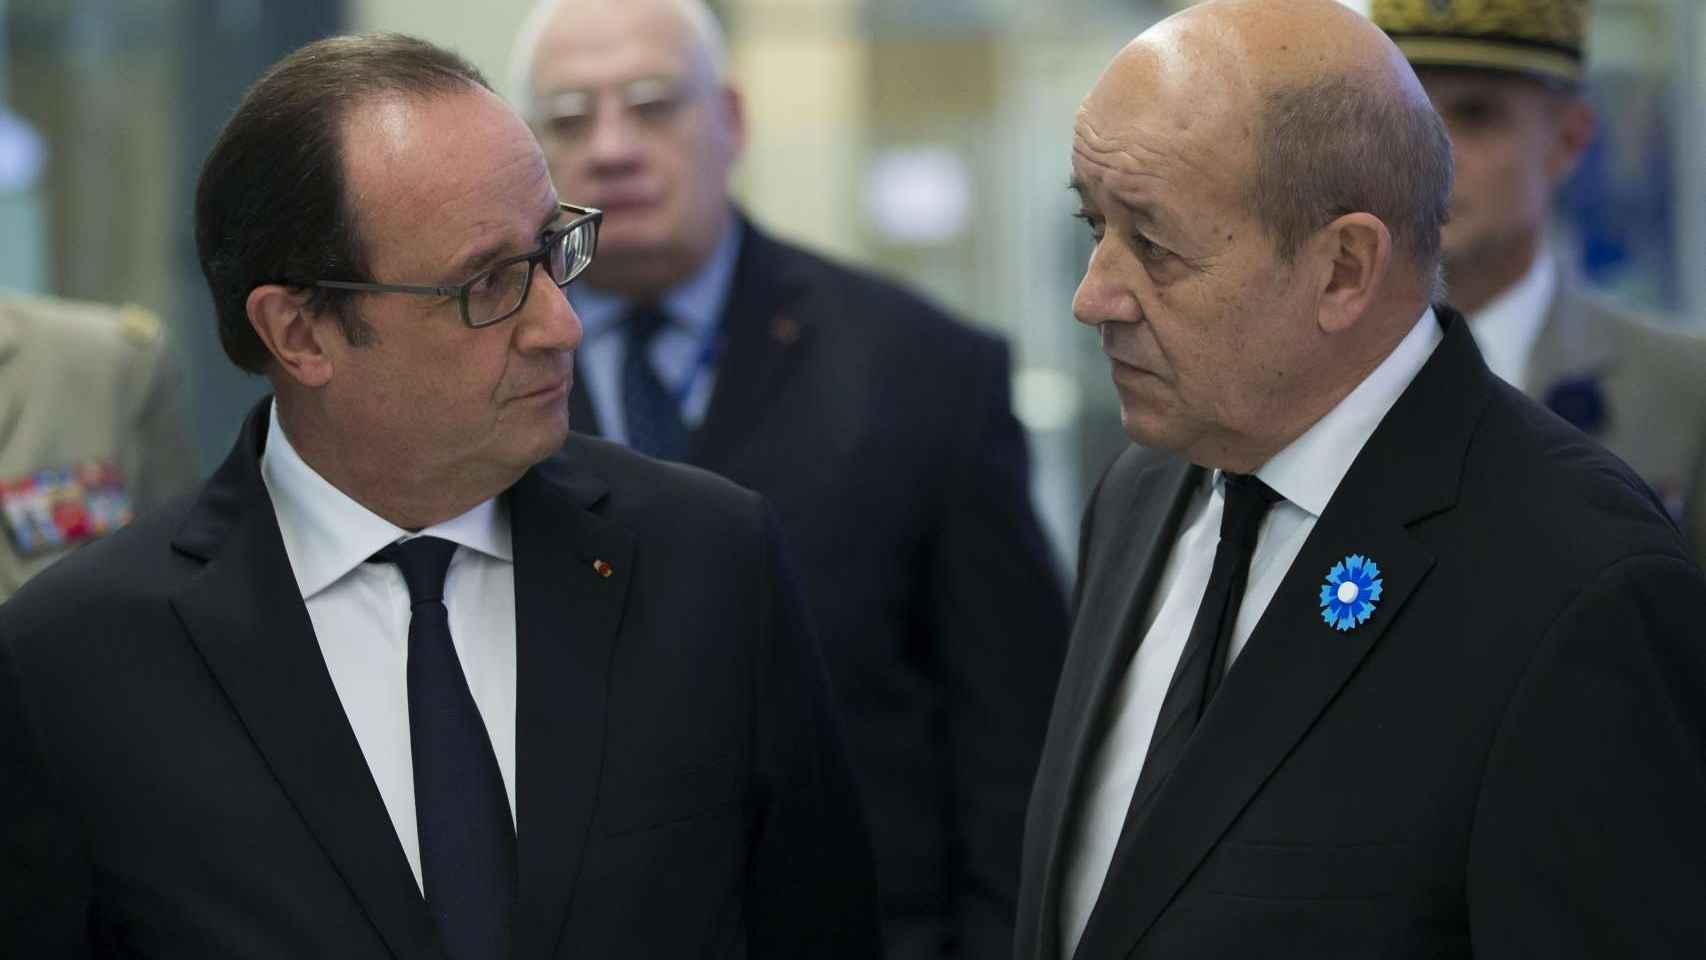 El presidente francés, François Hollande, y el ministro de Defensa, Jean-Yves Le Drian